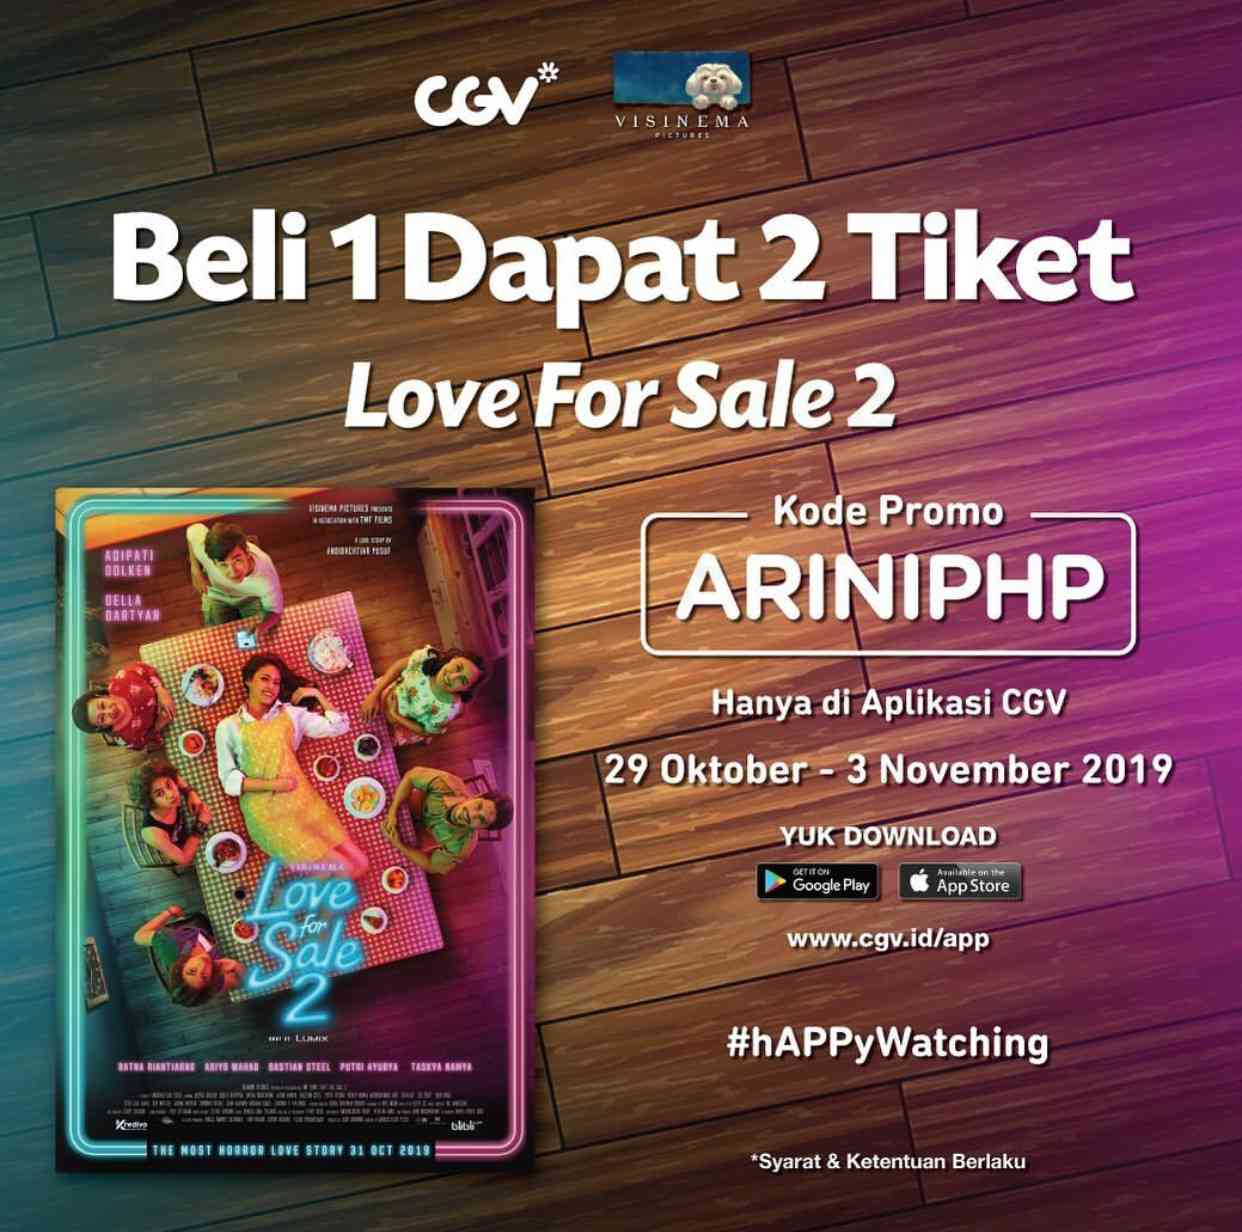 Diskon CGV Cinema Promo Beli 1 Dapat 2 Tiket Love For Sale 2 di Aplikasi CGV